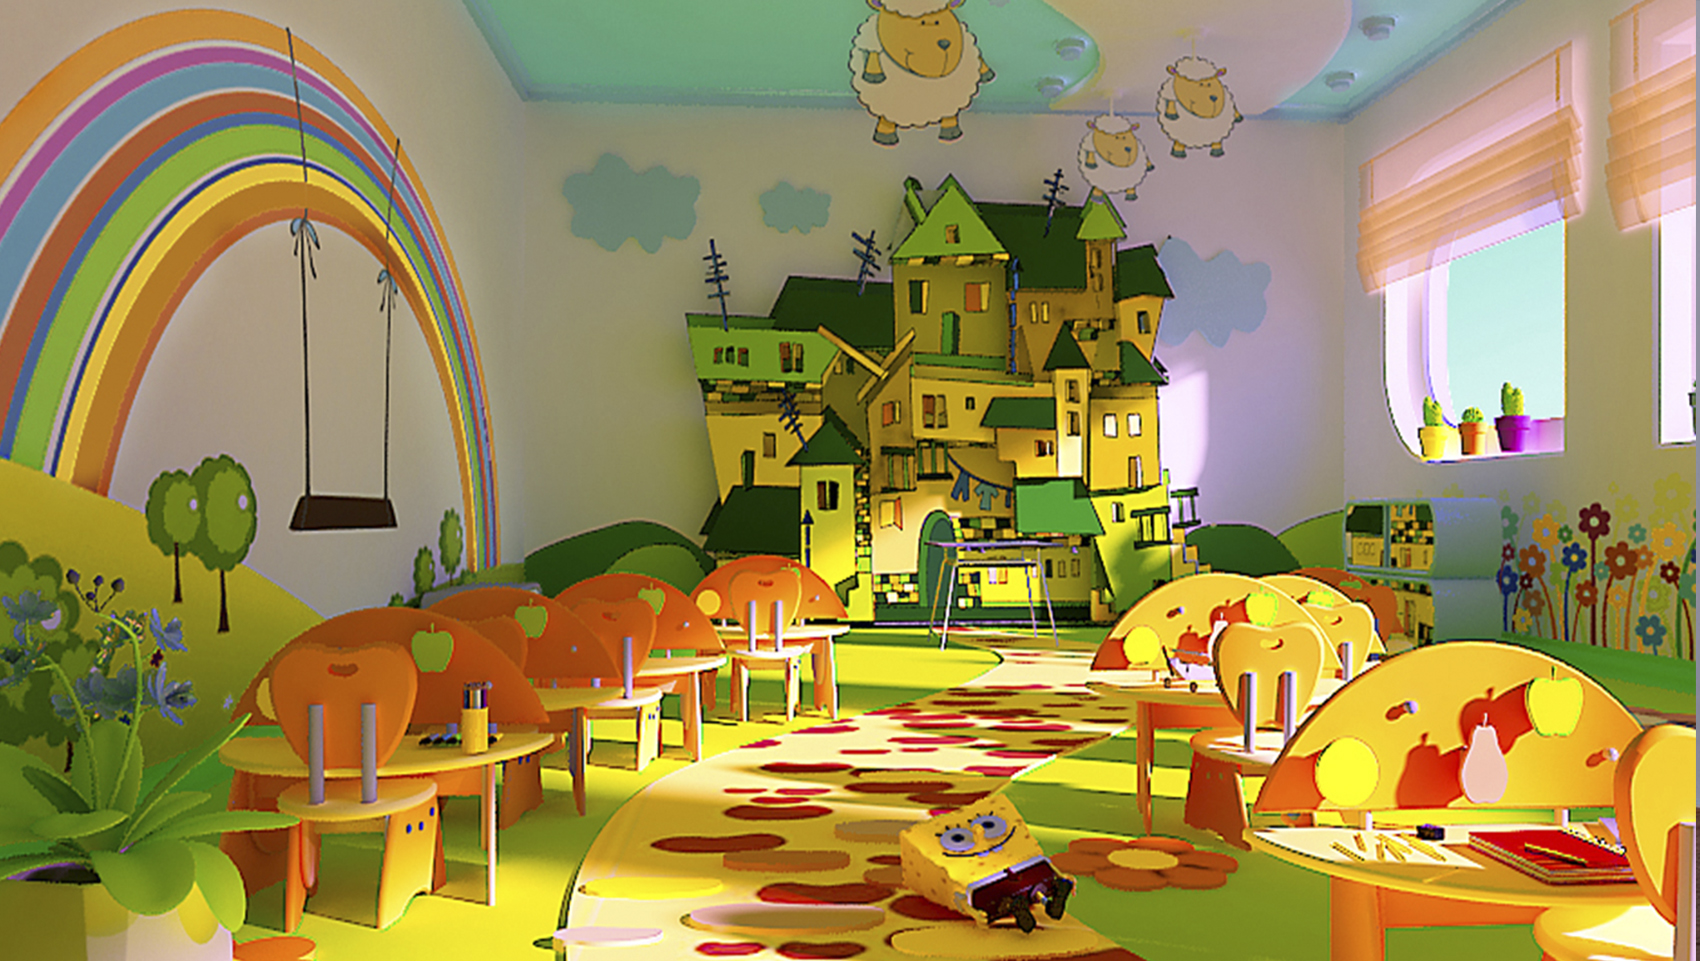 картинка план группы в детском саду.